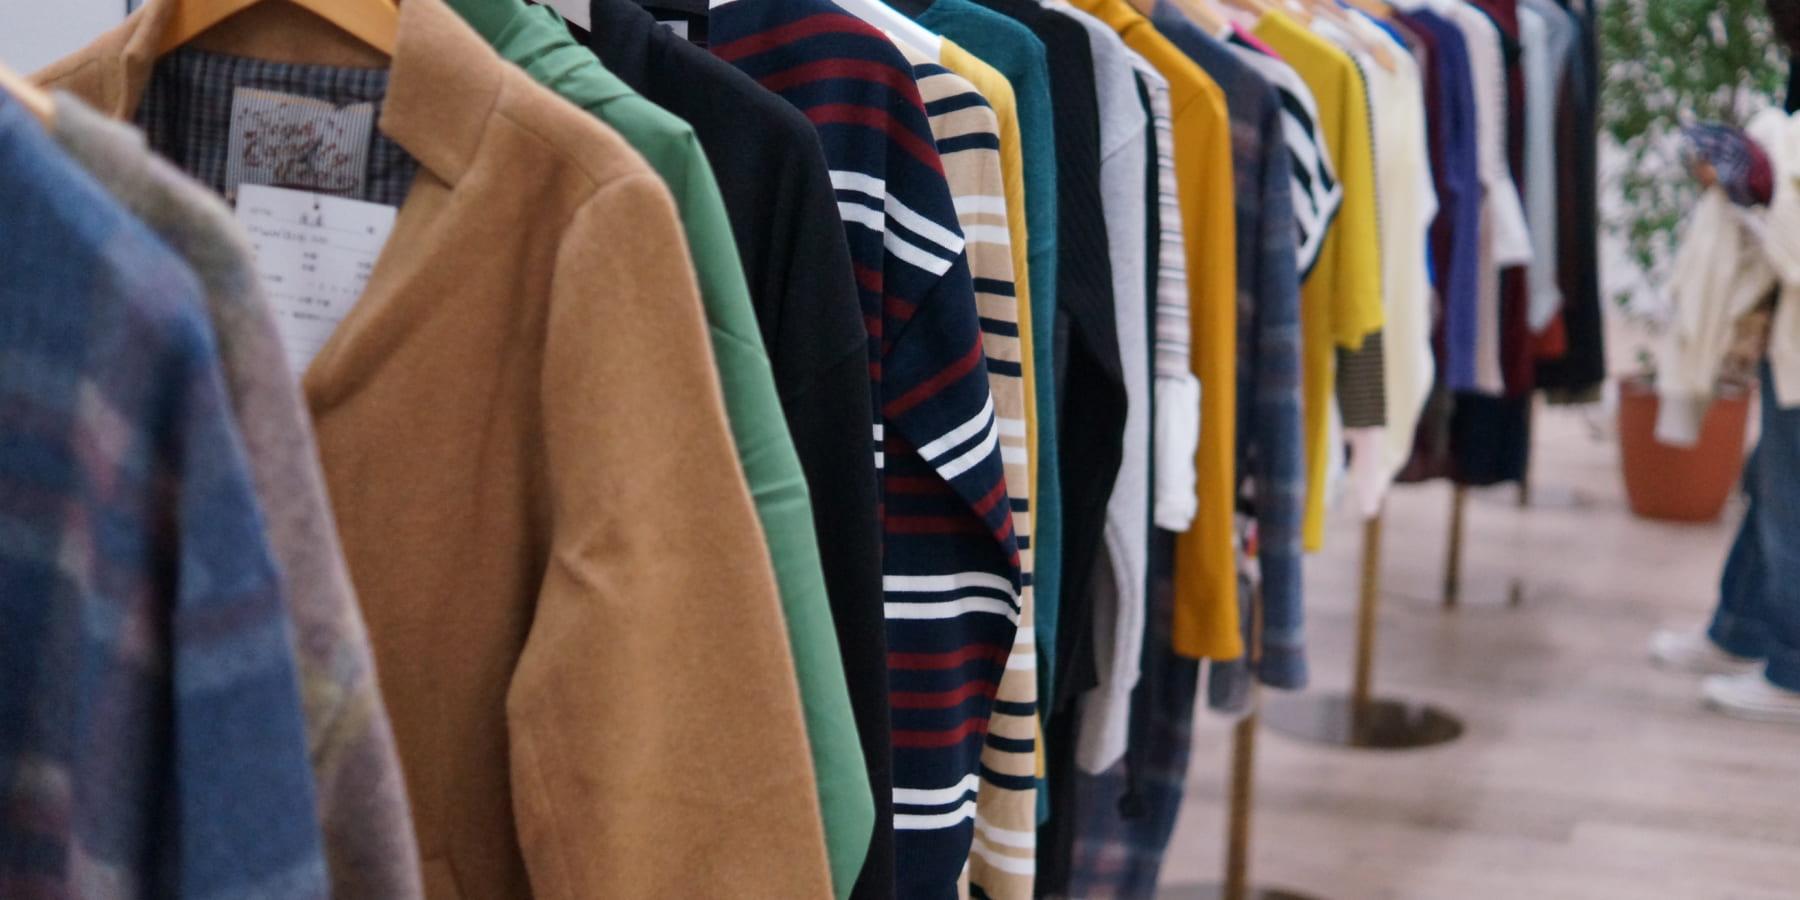 売れ残りの服を再び羽ばたかせる、ファッションリメイクコンテスト